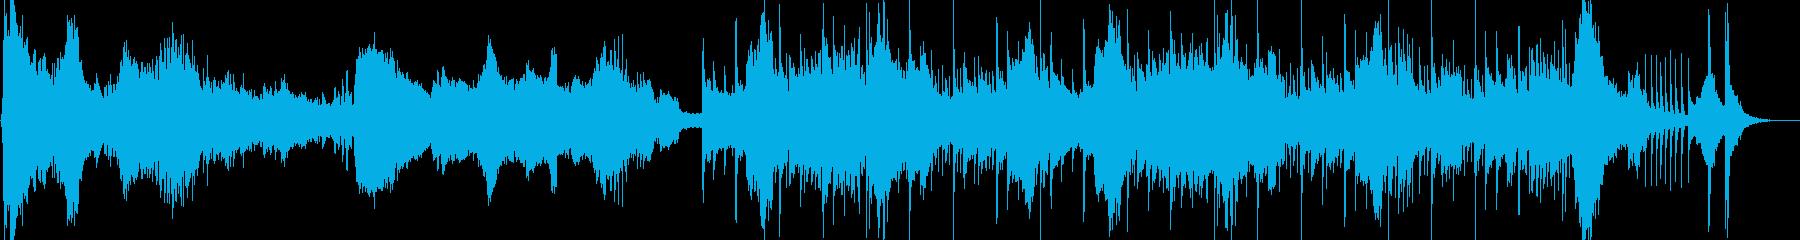 和風 洋風の混ざったOIWASANの再生済みの波形